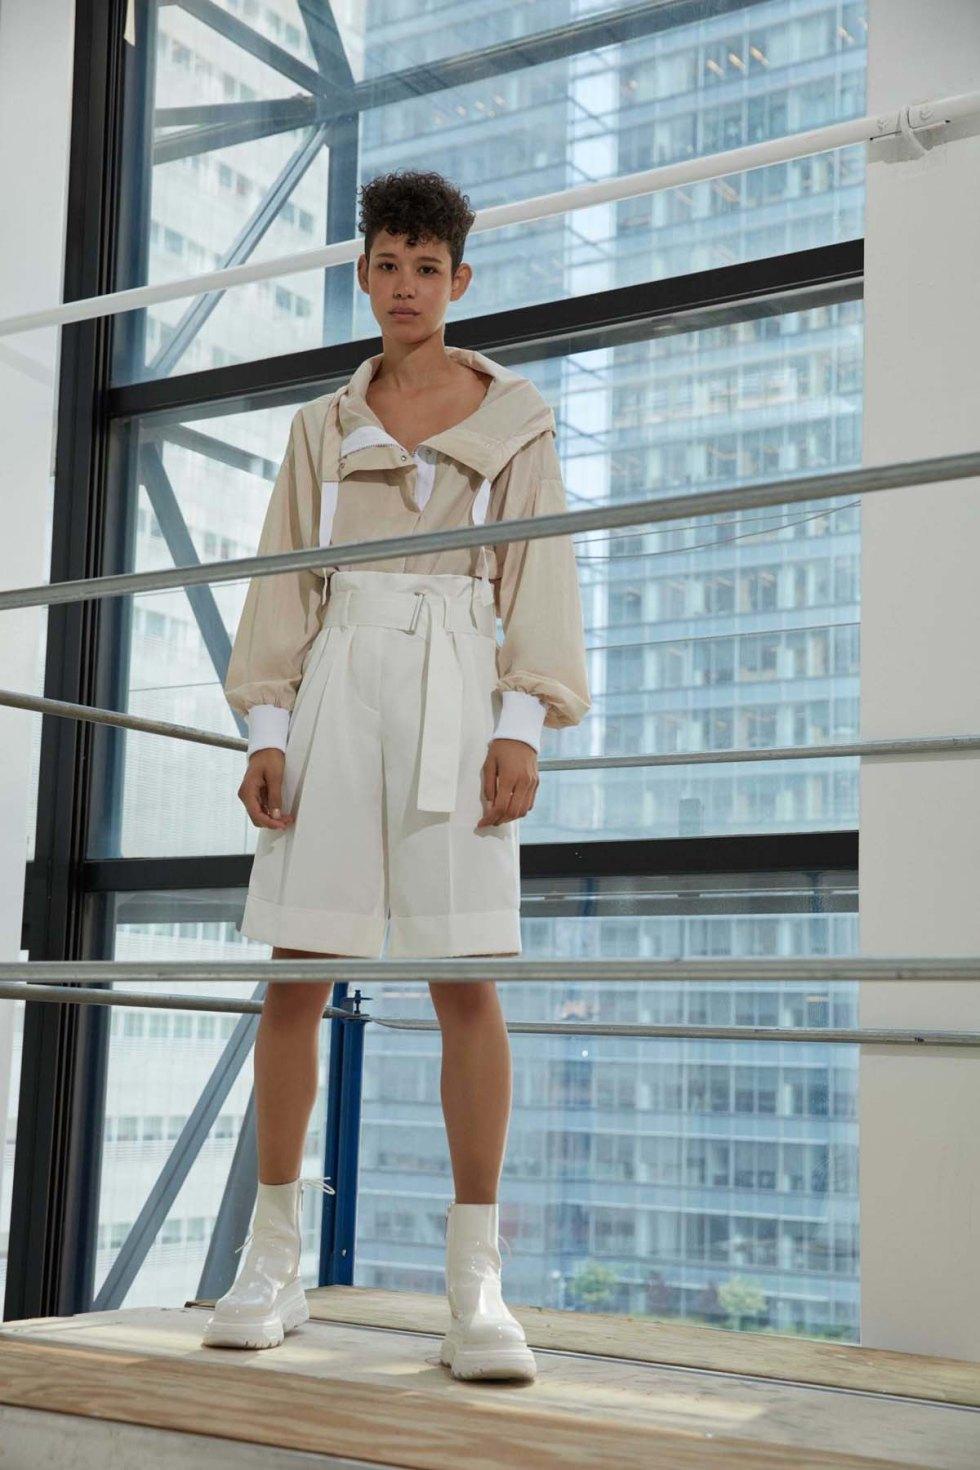 DKNY-resort-2017-slashitmag-fashion-10